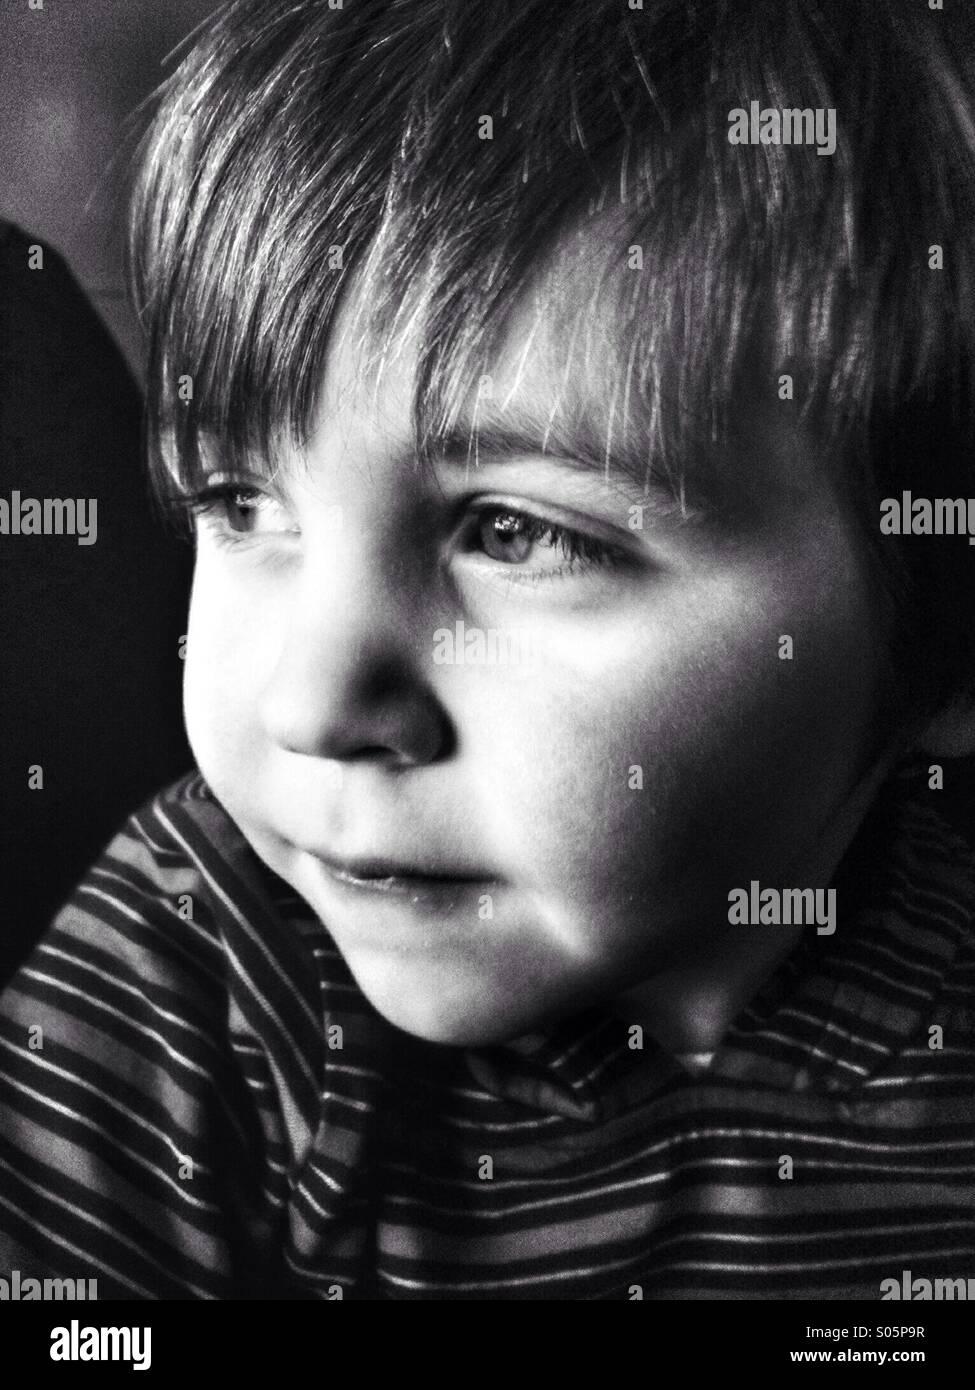 Junge kaukasischen Kleinkind Jungen Porträt. Stockbild